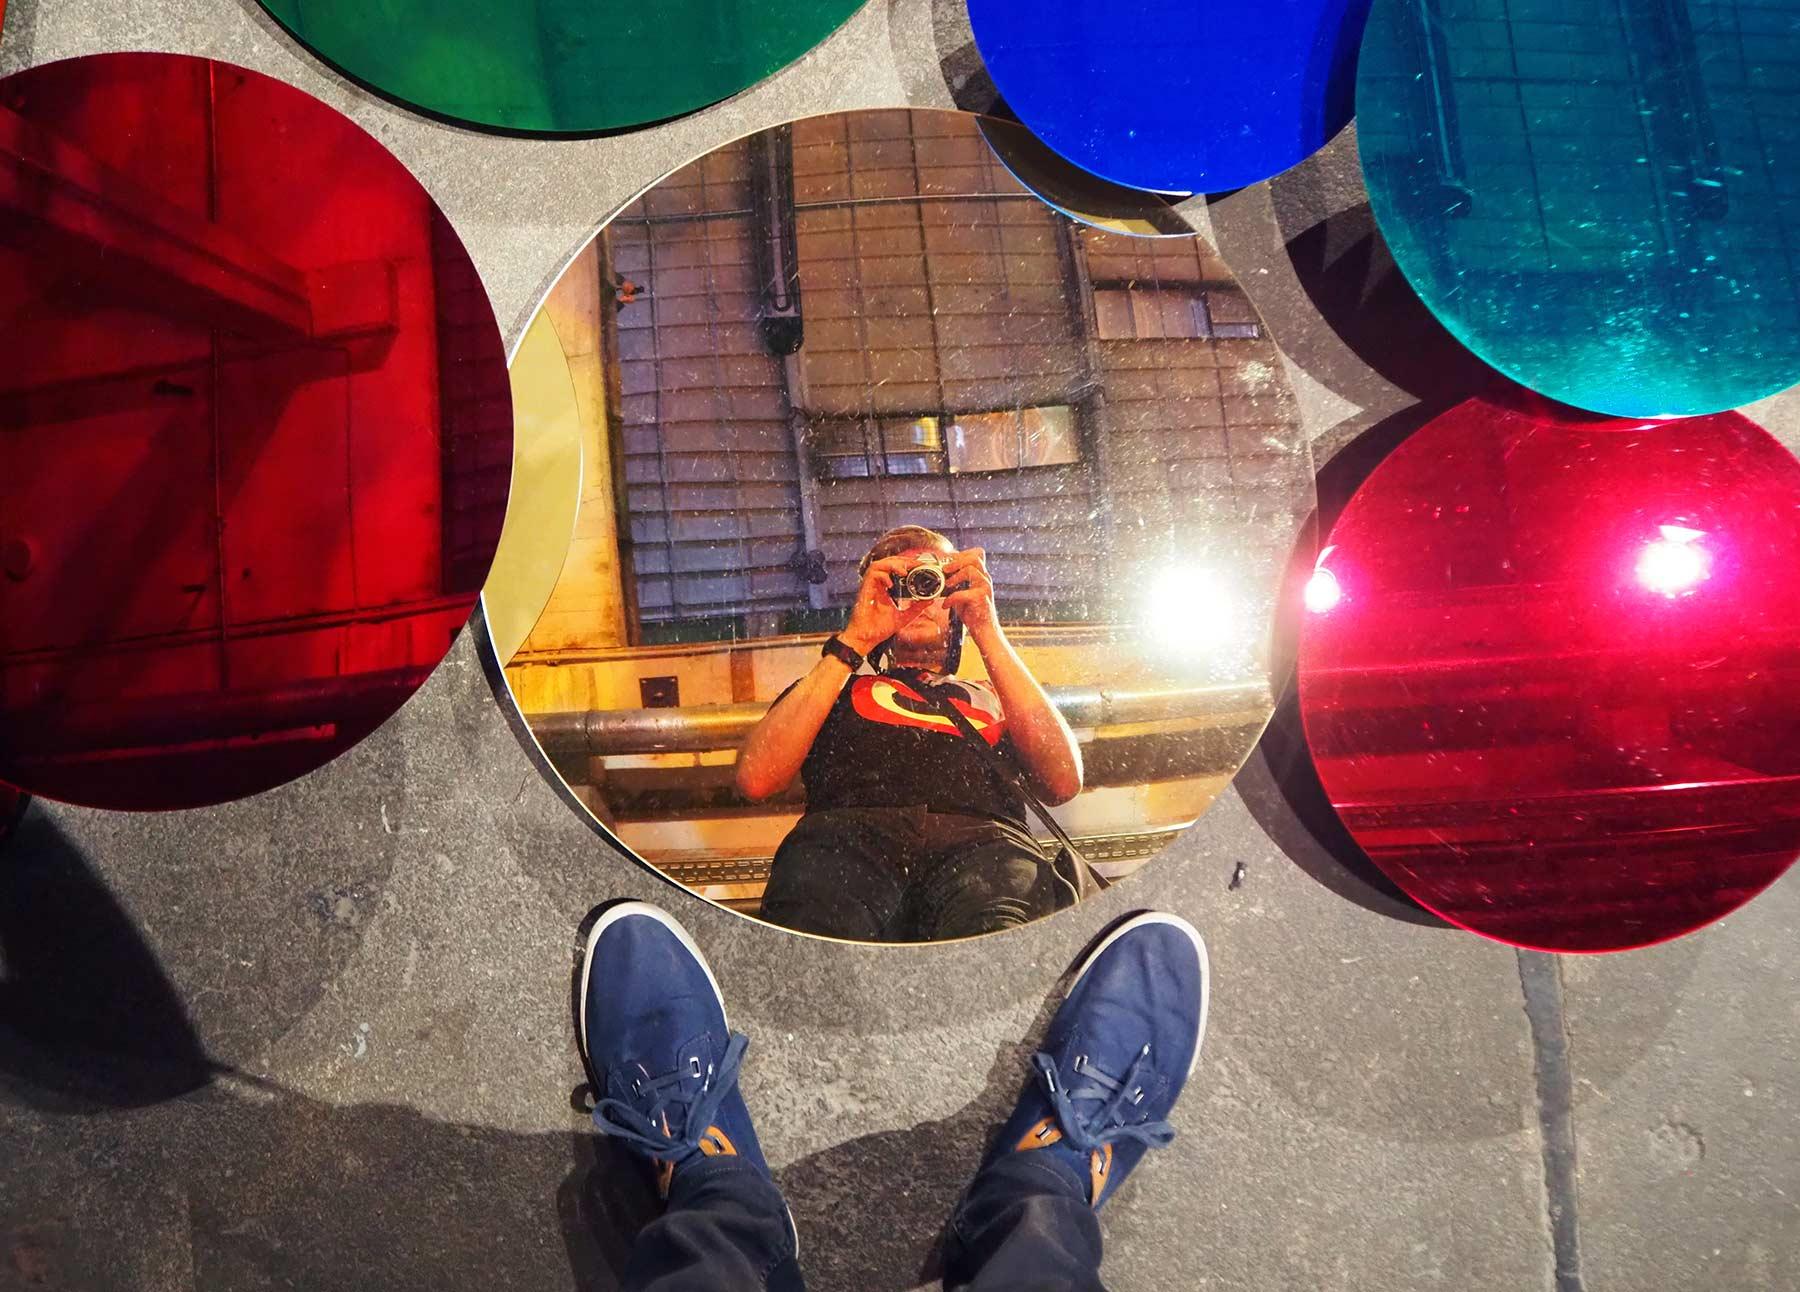 Der OLYMPUS PERSPECTIVE PLAYGROUND in Berlin ist eröffnet! Olympus-Perspective-Playground-Berlin-2017_15